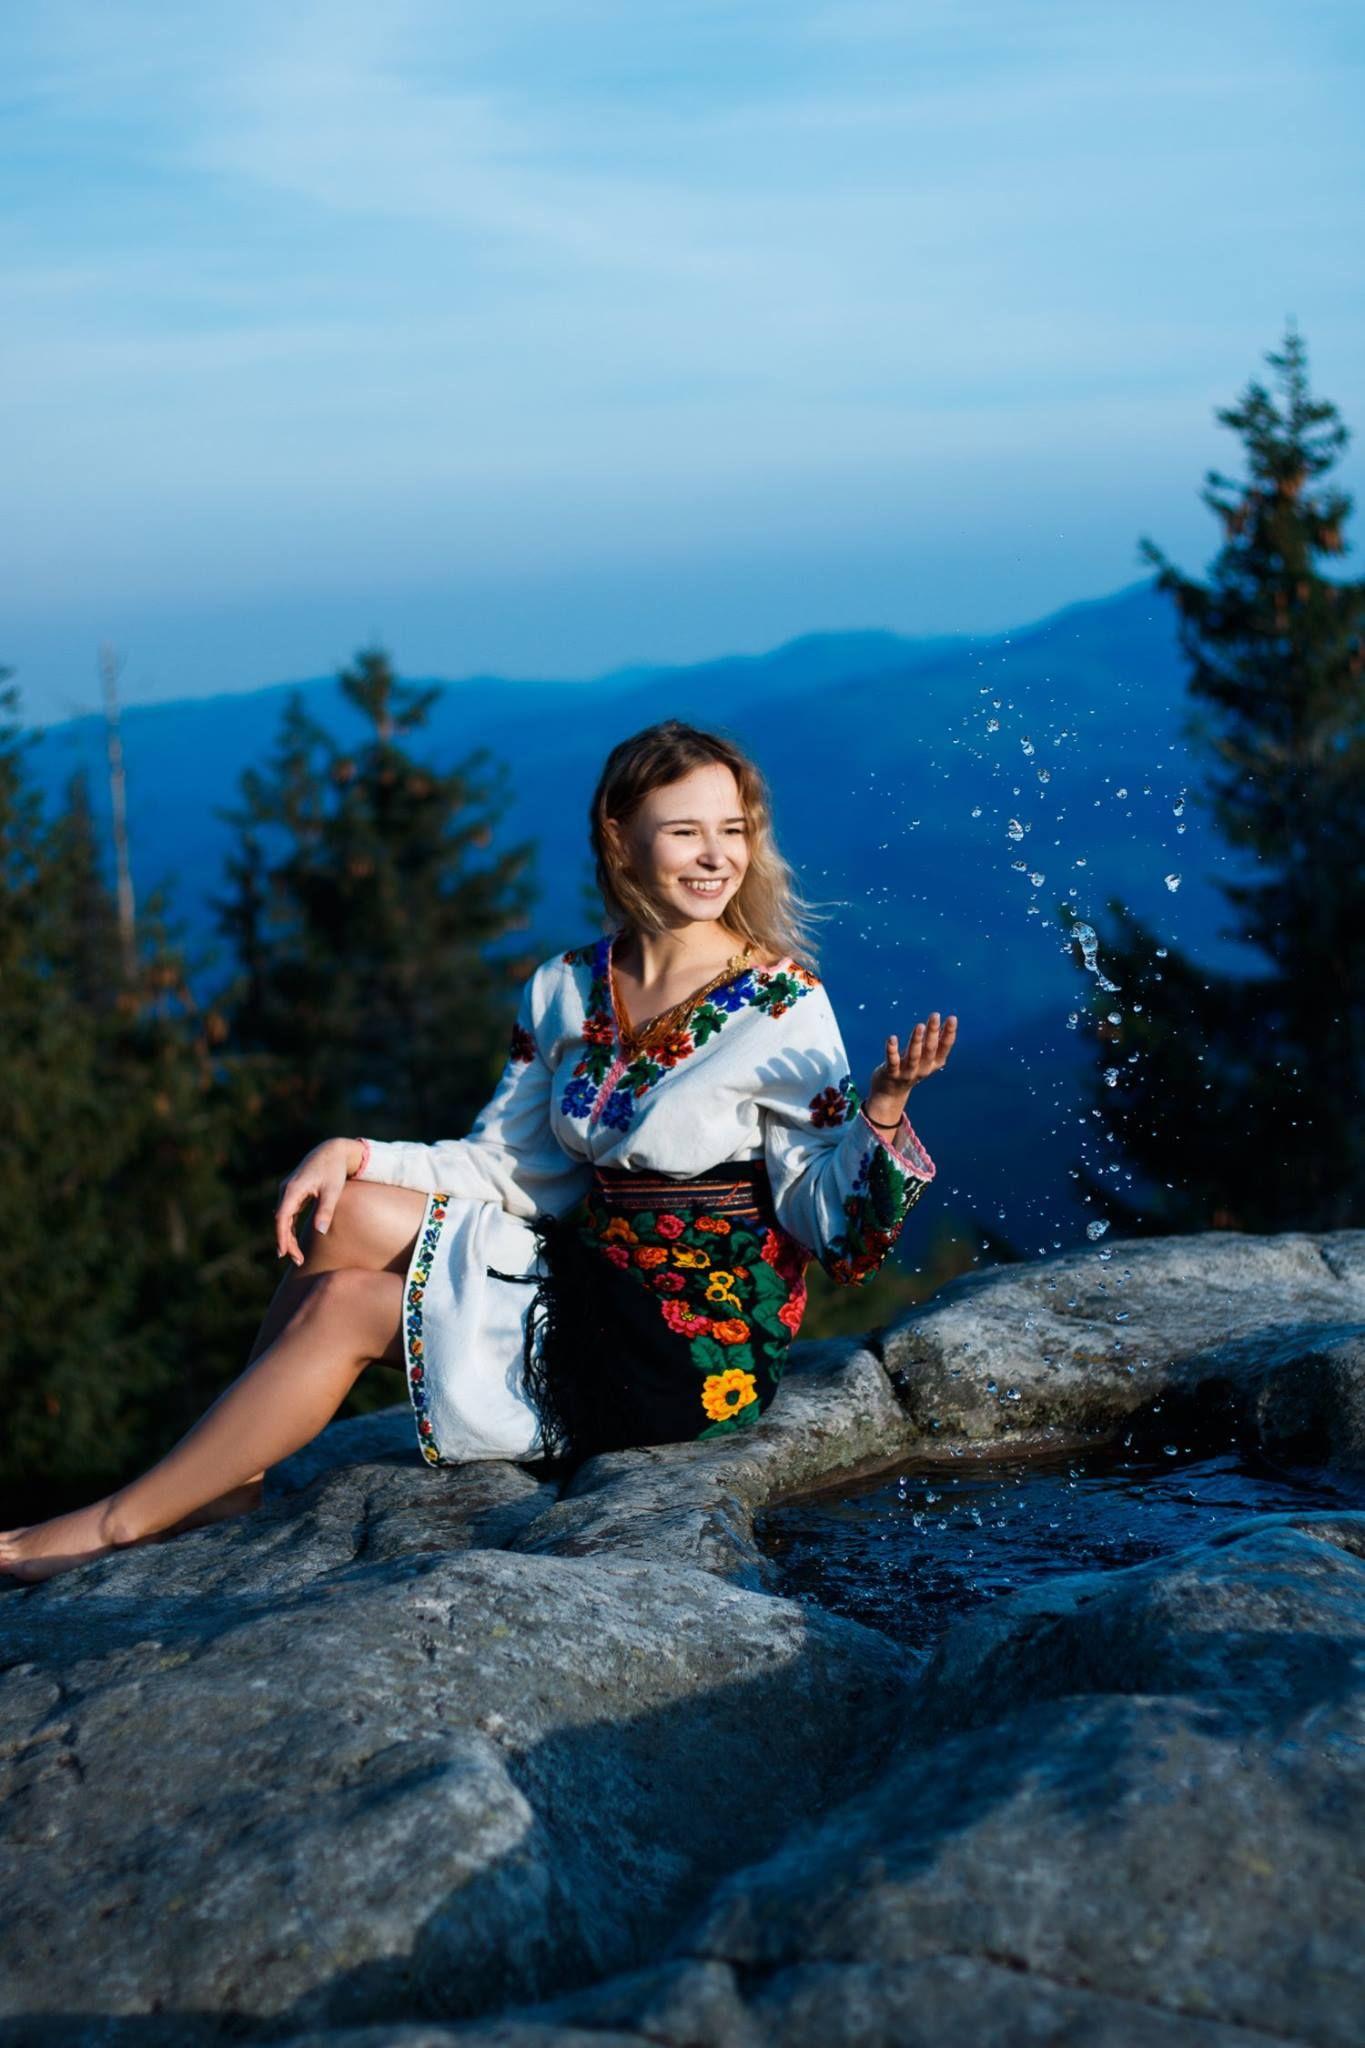 художественная фотография украина